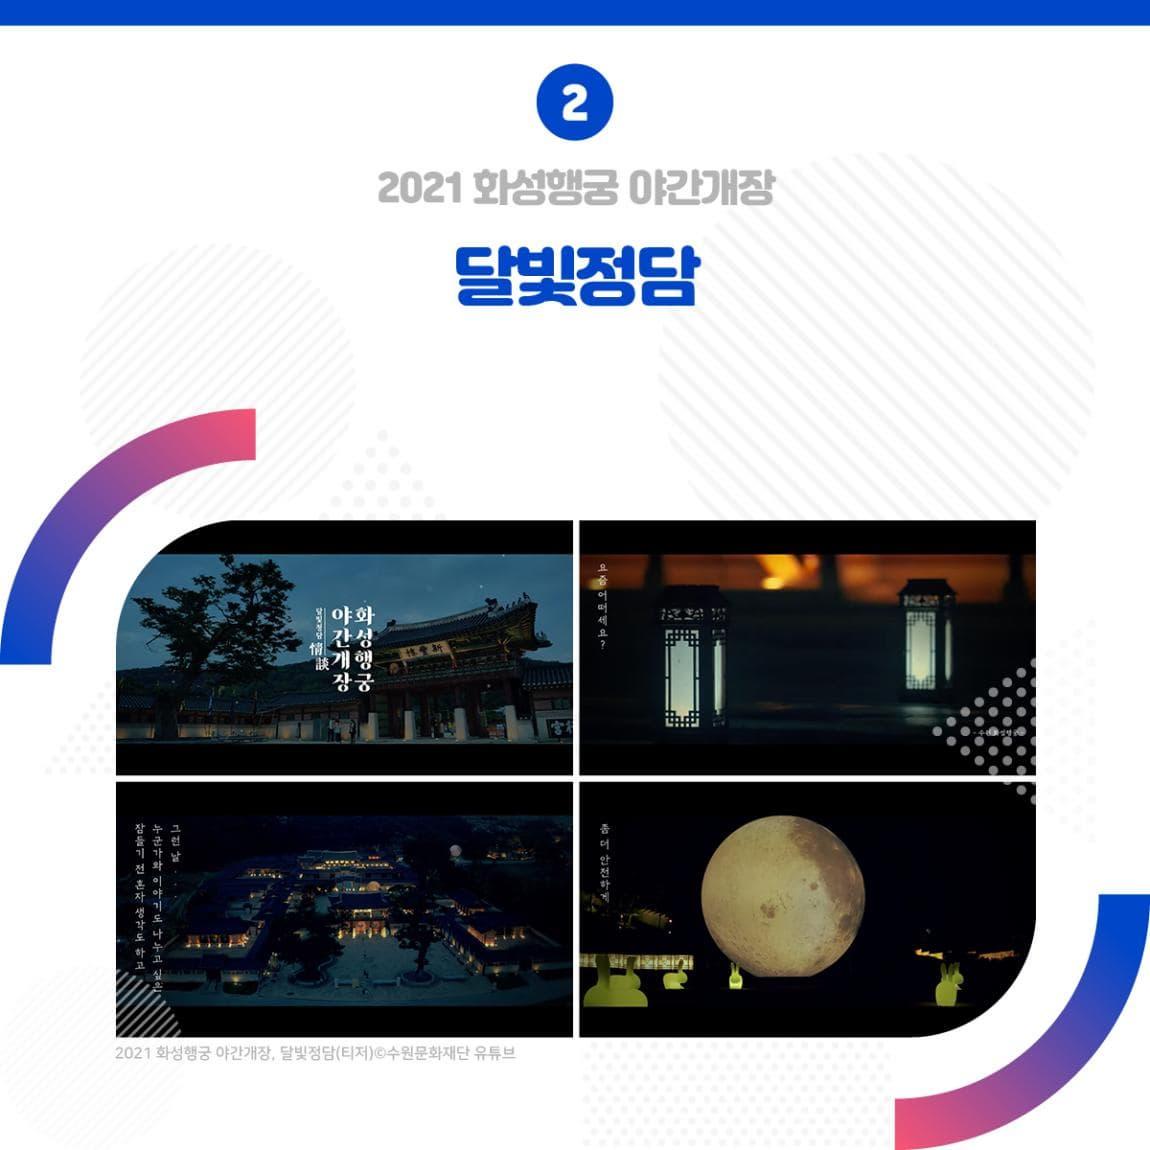 02. 2021 화성행궁 야간개장 <달빛정담>